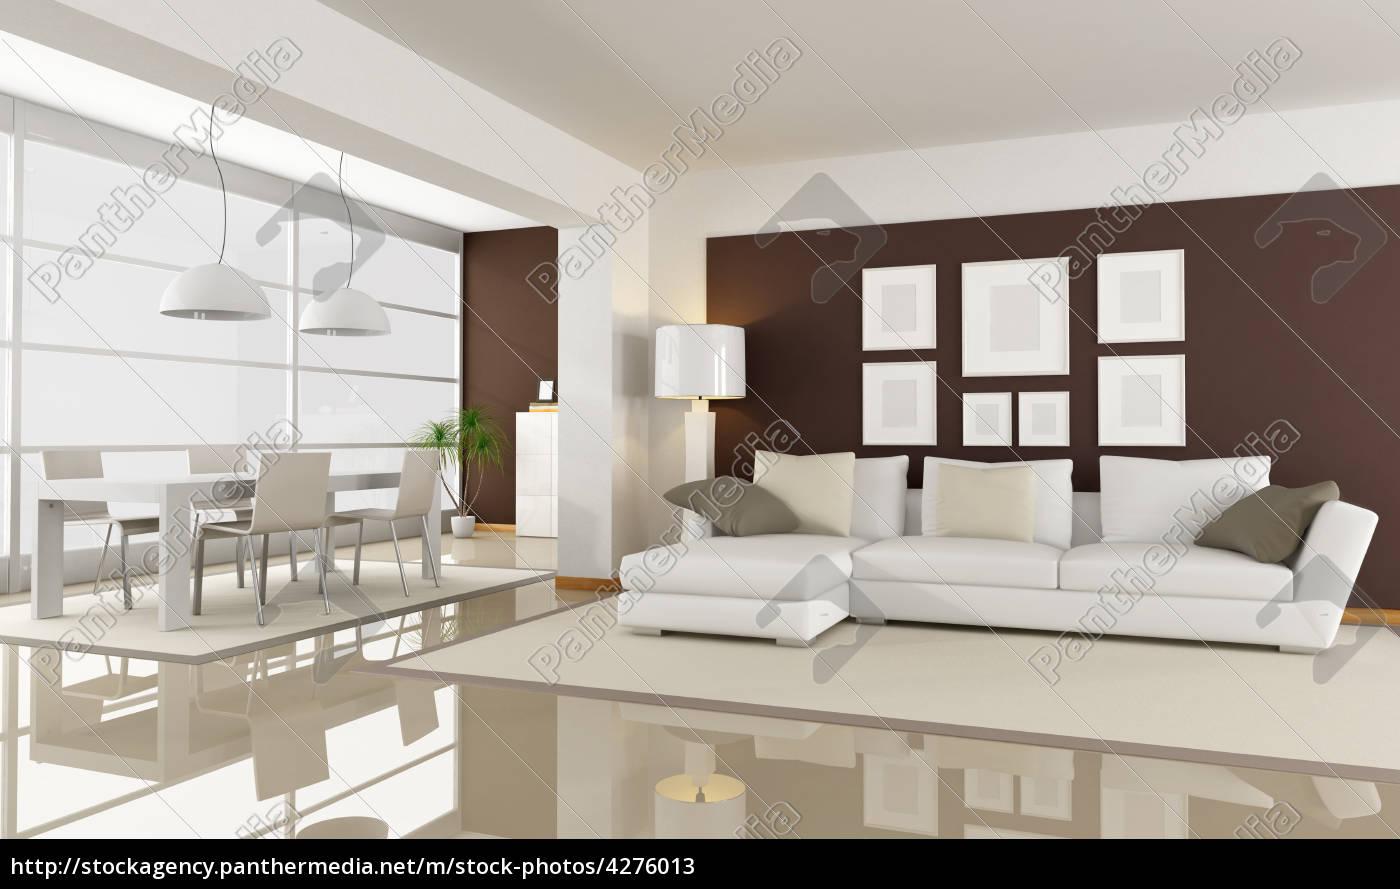 Lizenzfreies Bild 4276013   Modernes Wohnzimmer Mit Essbereich Rendering